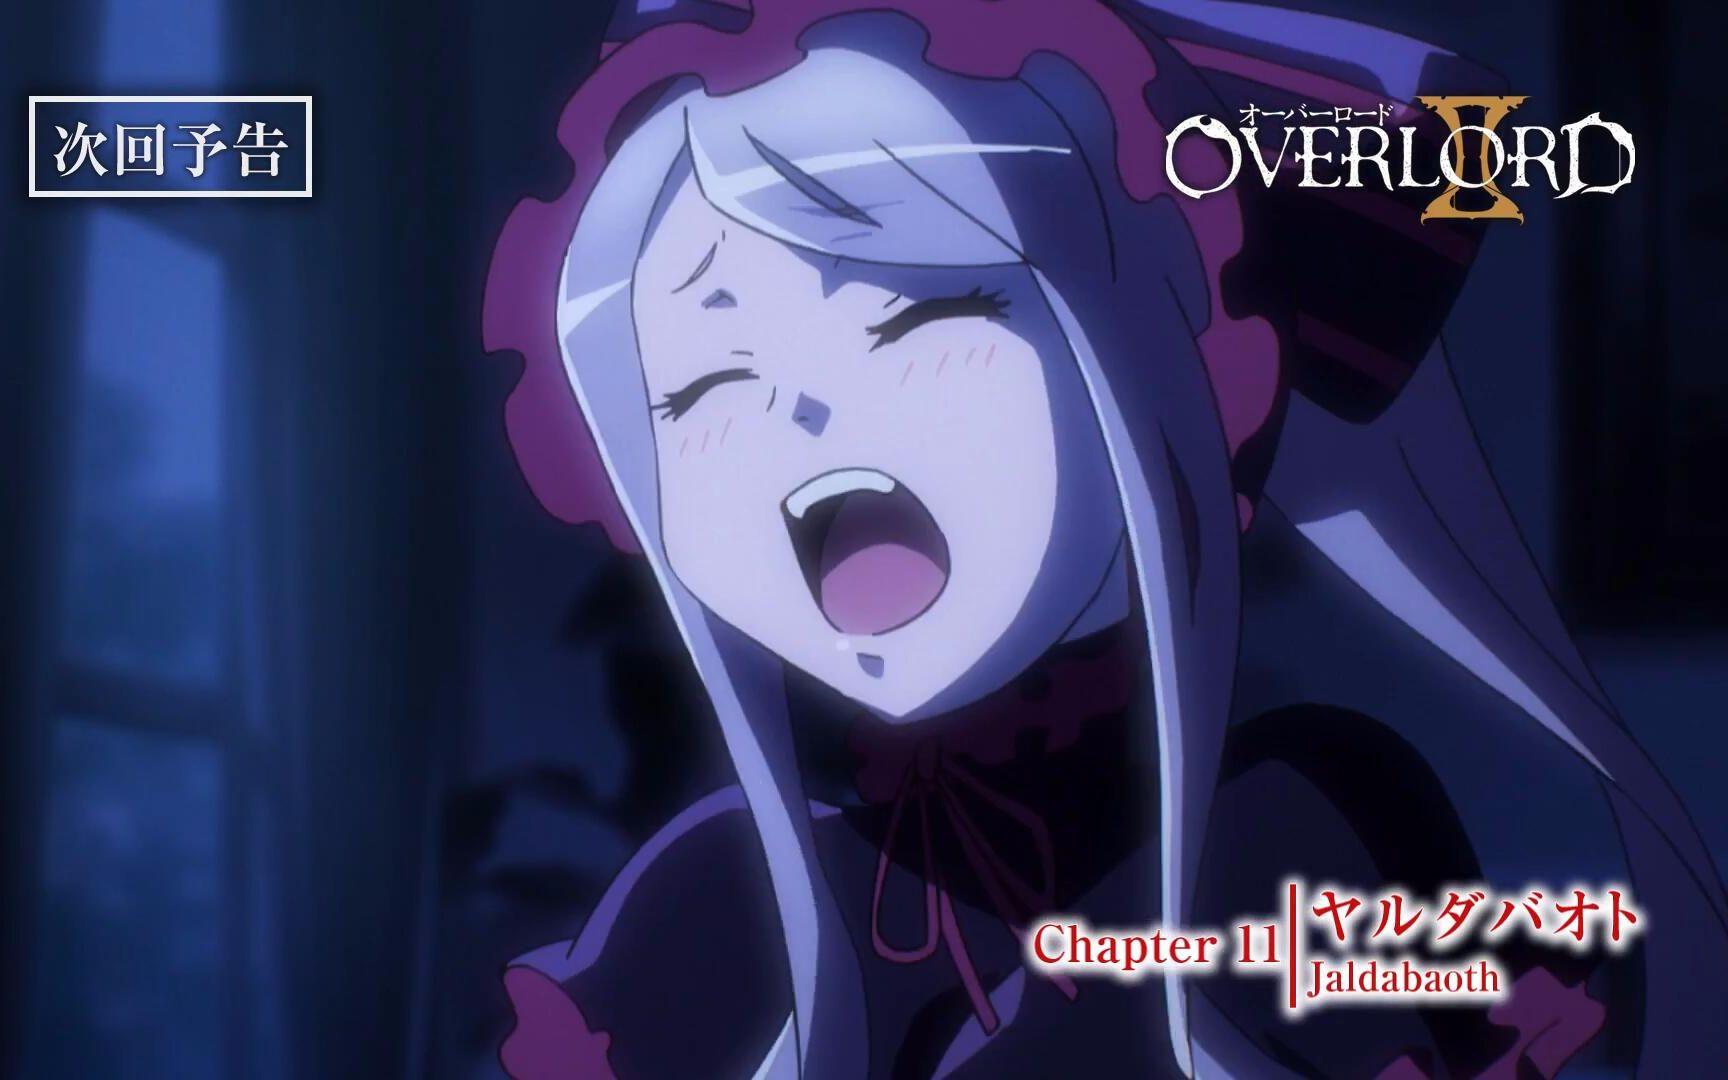 【1月】Overlord第二季 11 預告【輕萬】_嗶哩嗶哩 (゜-゜)つロ 干杯~-bilibili